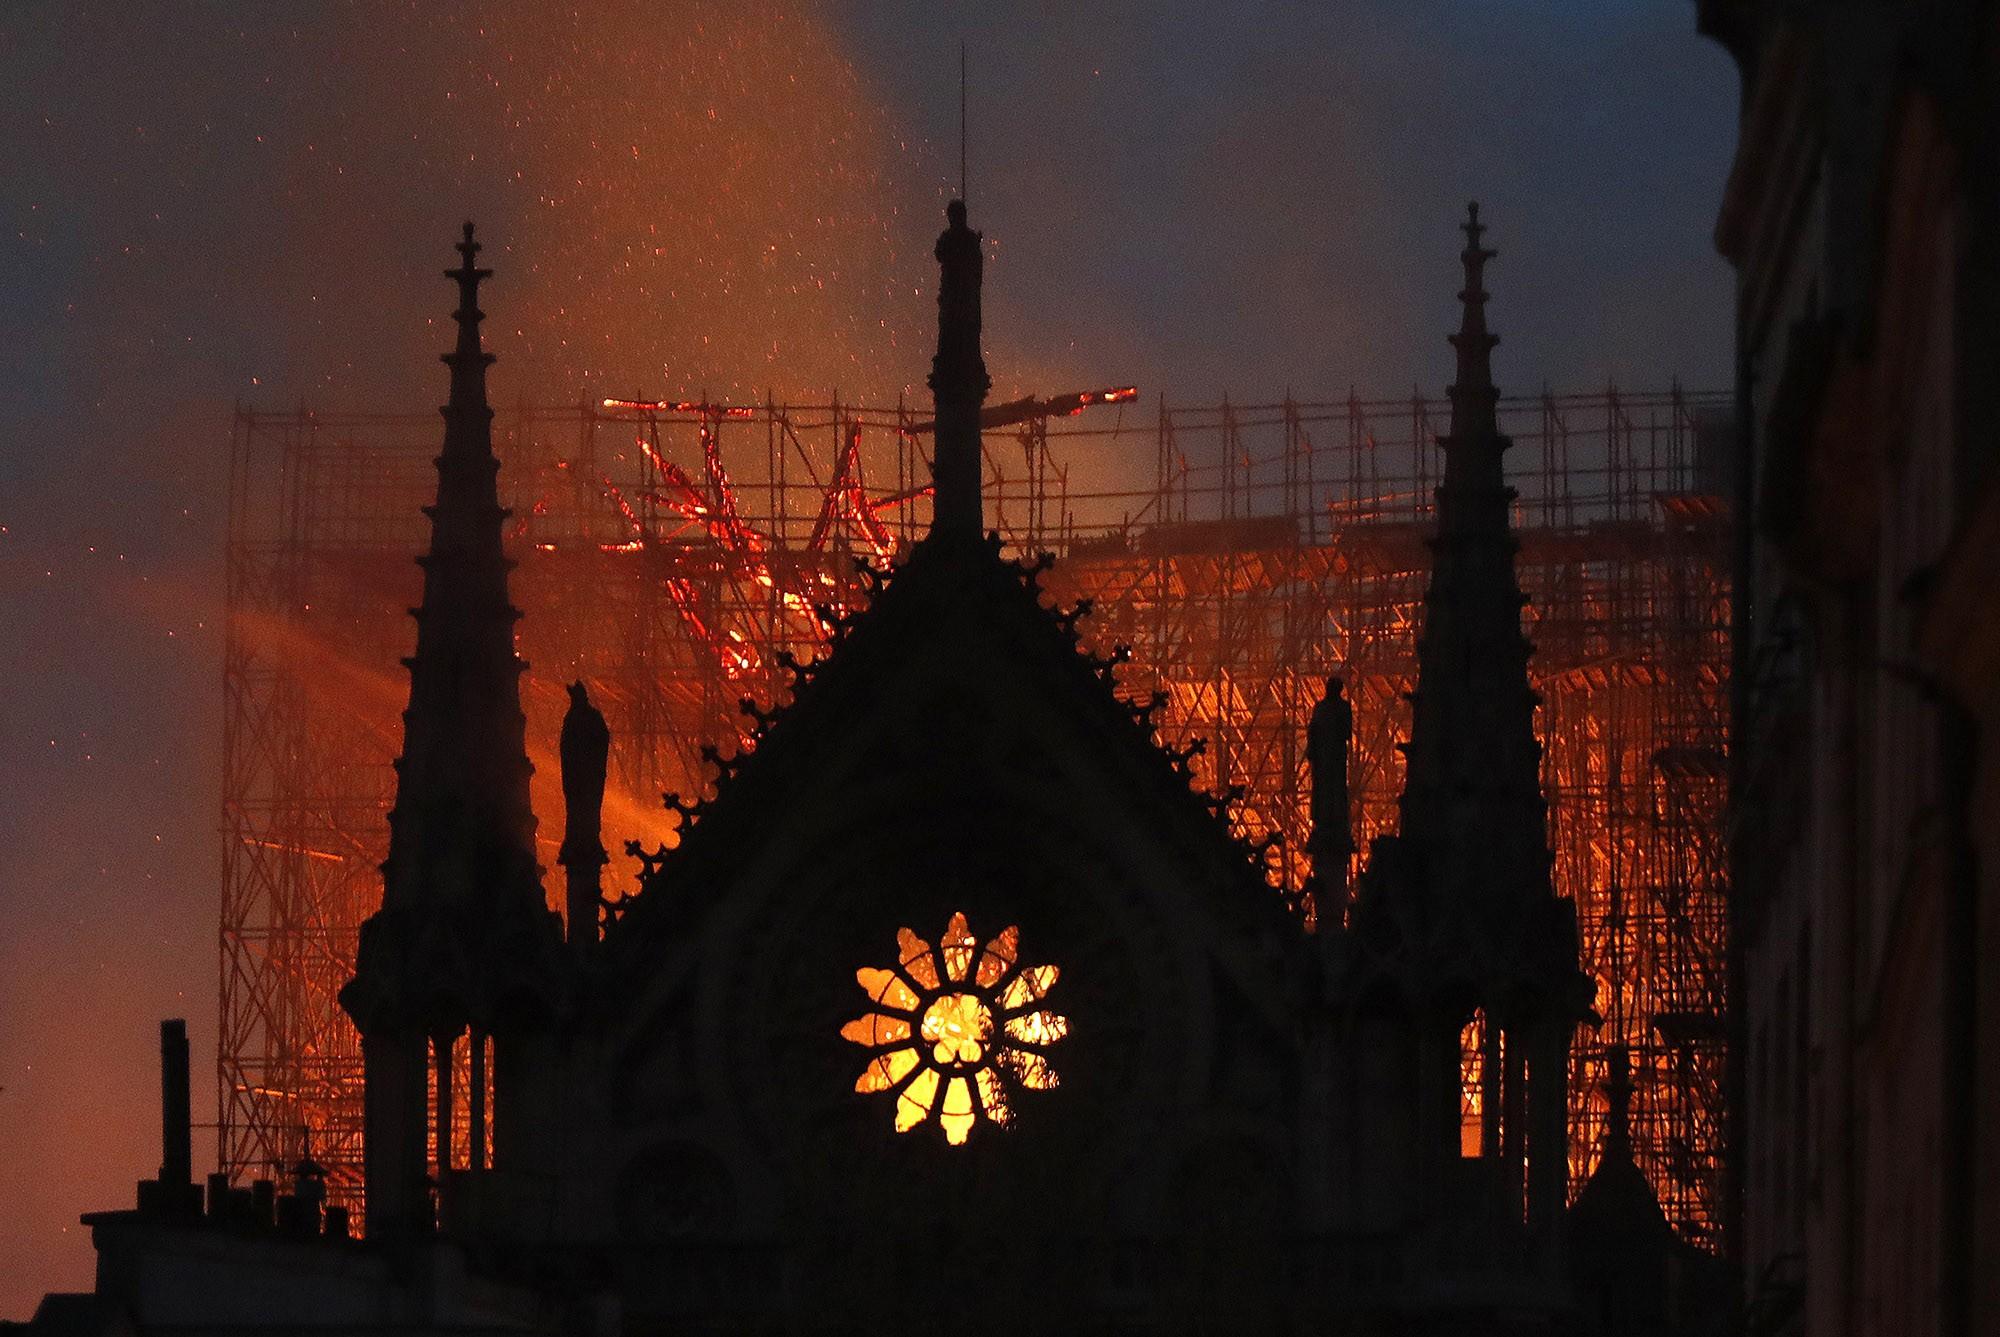 Vendas do livro 'O corcunda de Notre-Dame' disparam na França após incêndio em catedral